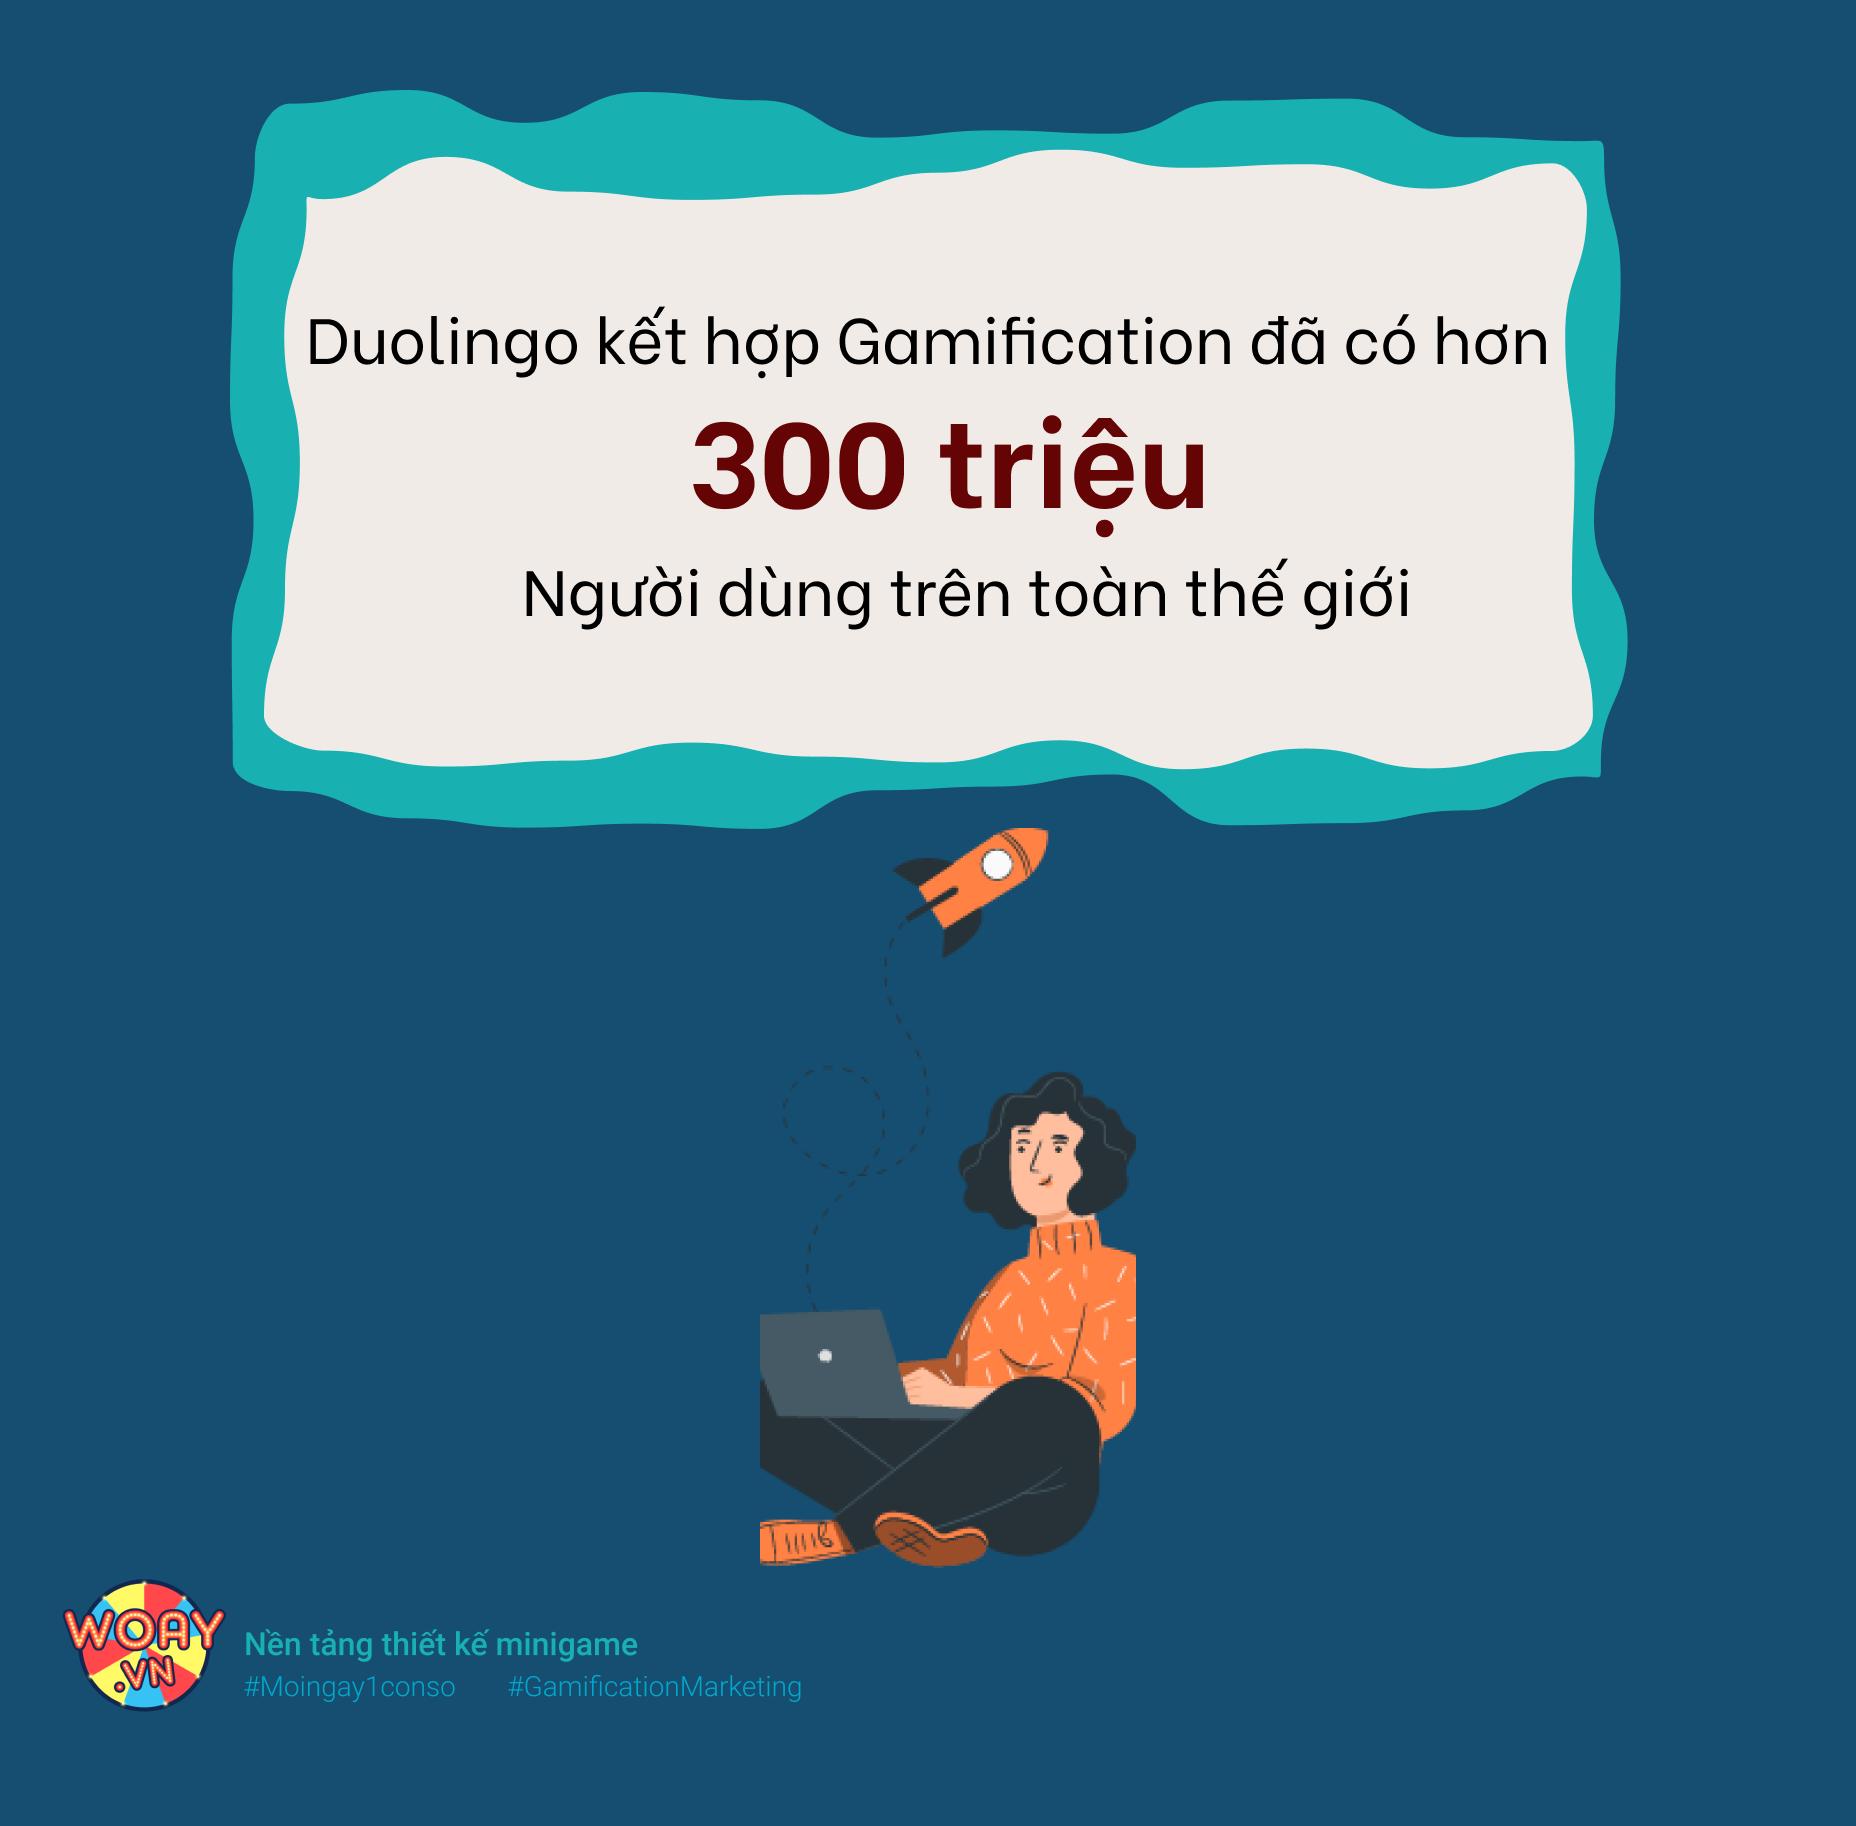 Nền tảng Duolingo kết hợp Gamification, có hơn 300 triệu người dùng trên toàn thế giới